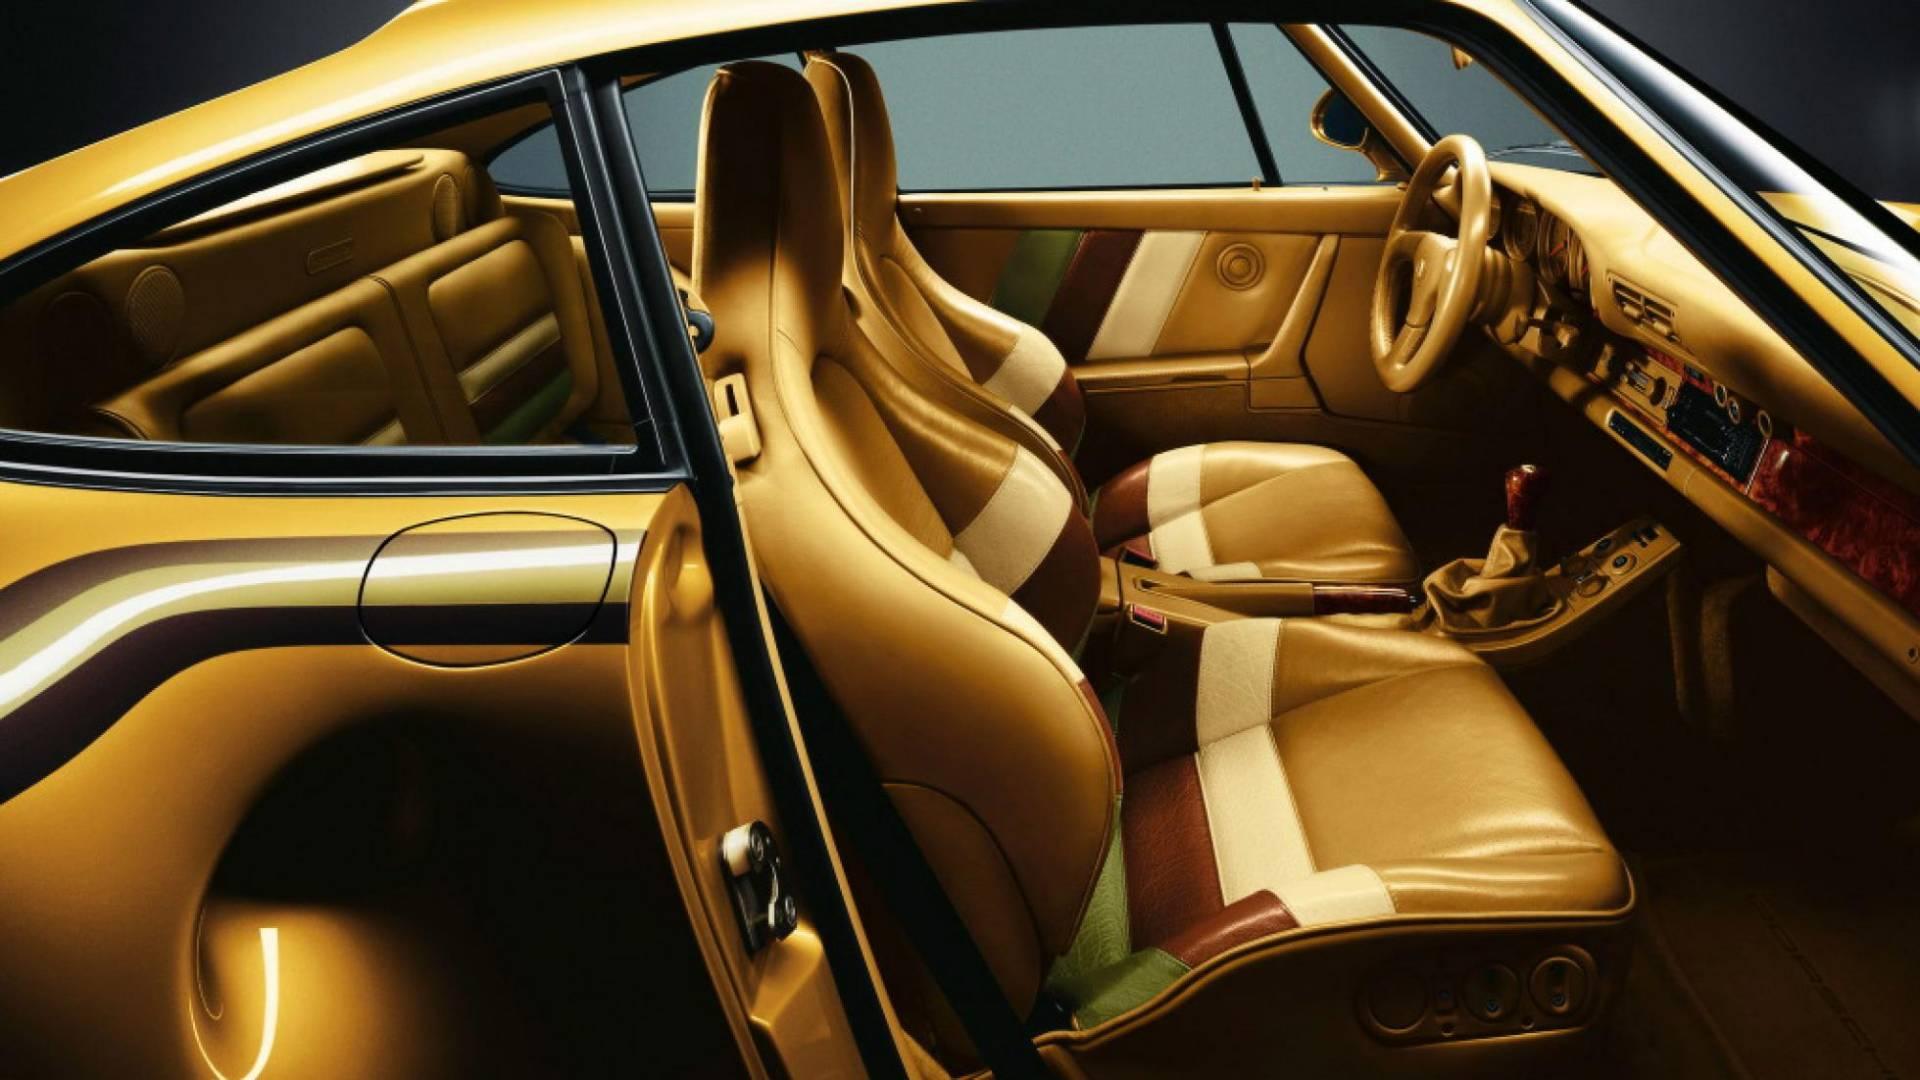 Porsche 959 vàng Gold của hoàng tộc Qatar, 'độc' nhưng chưa phải là tất cả 4